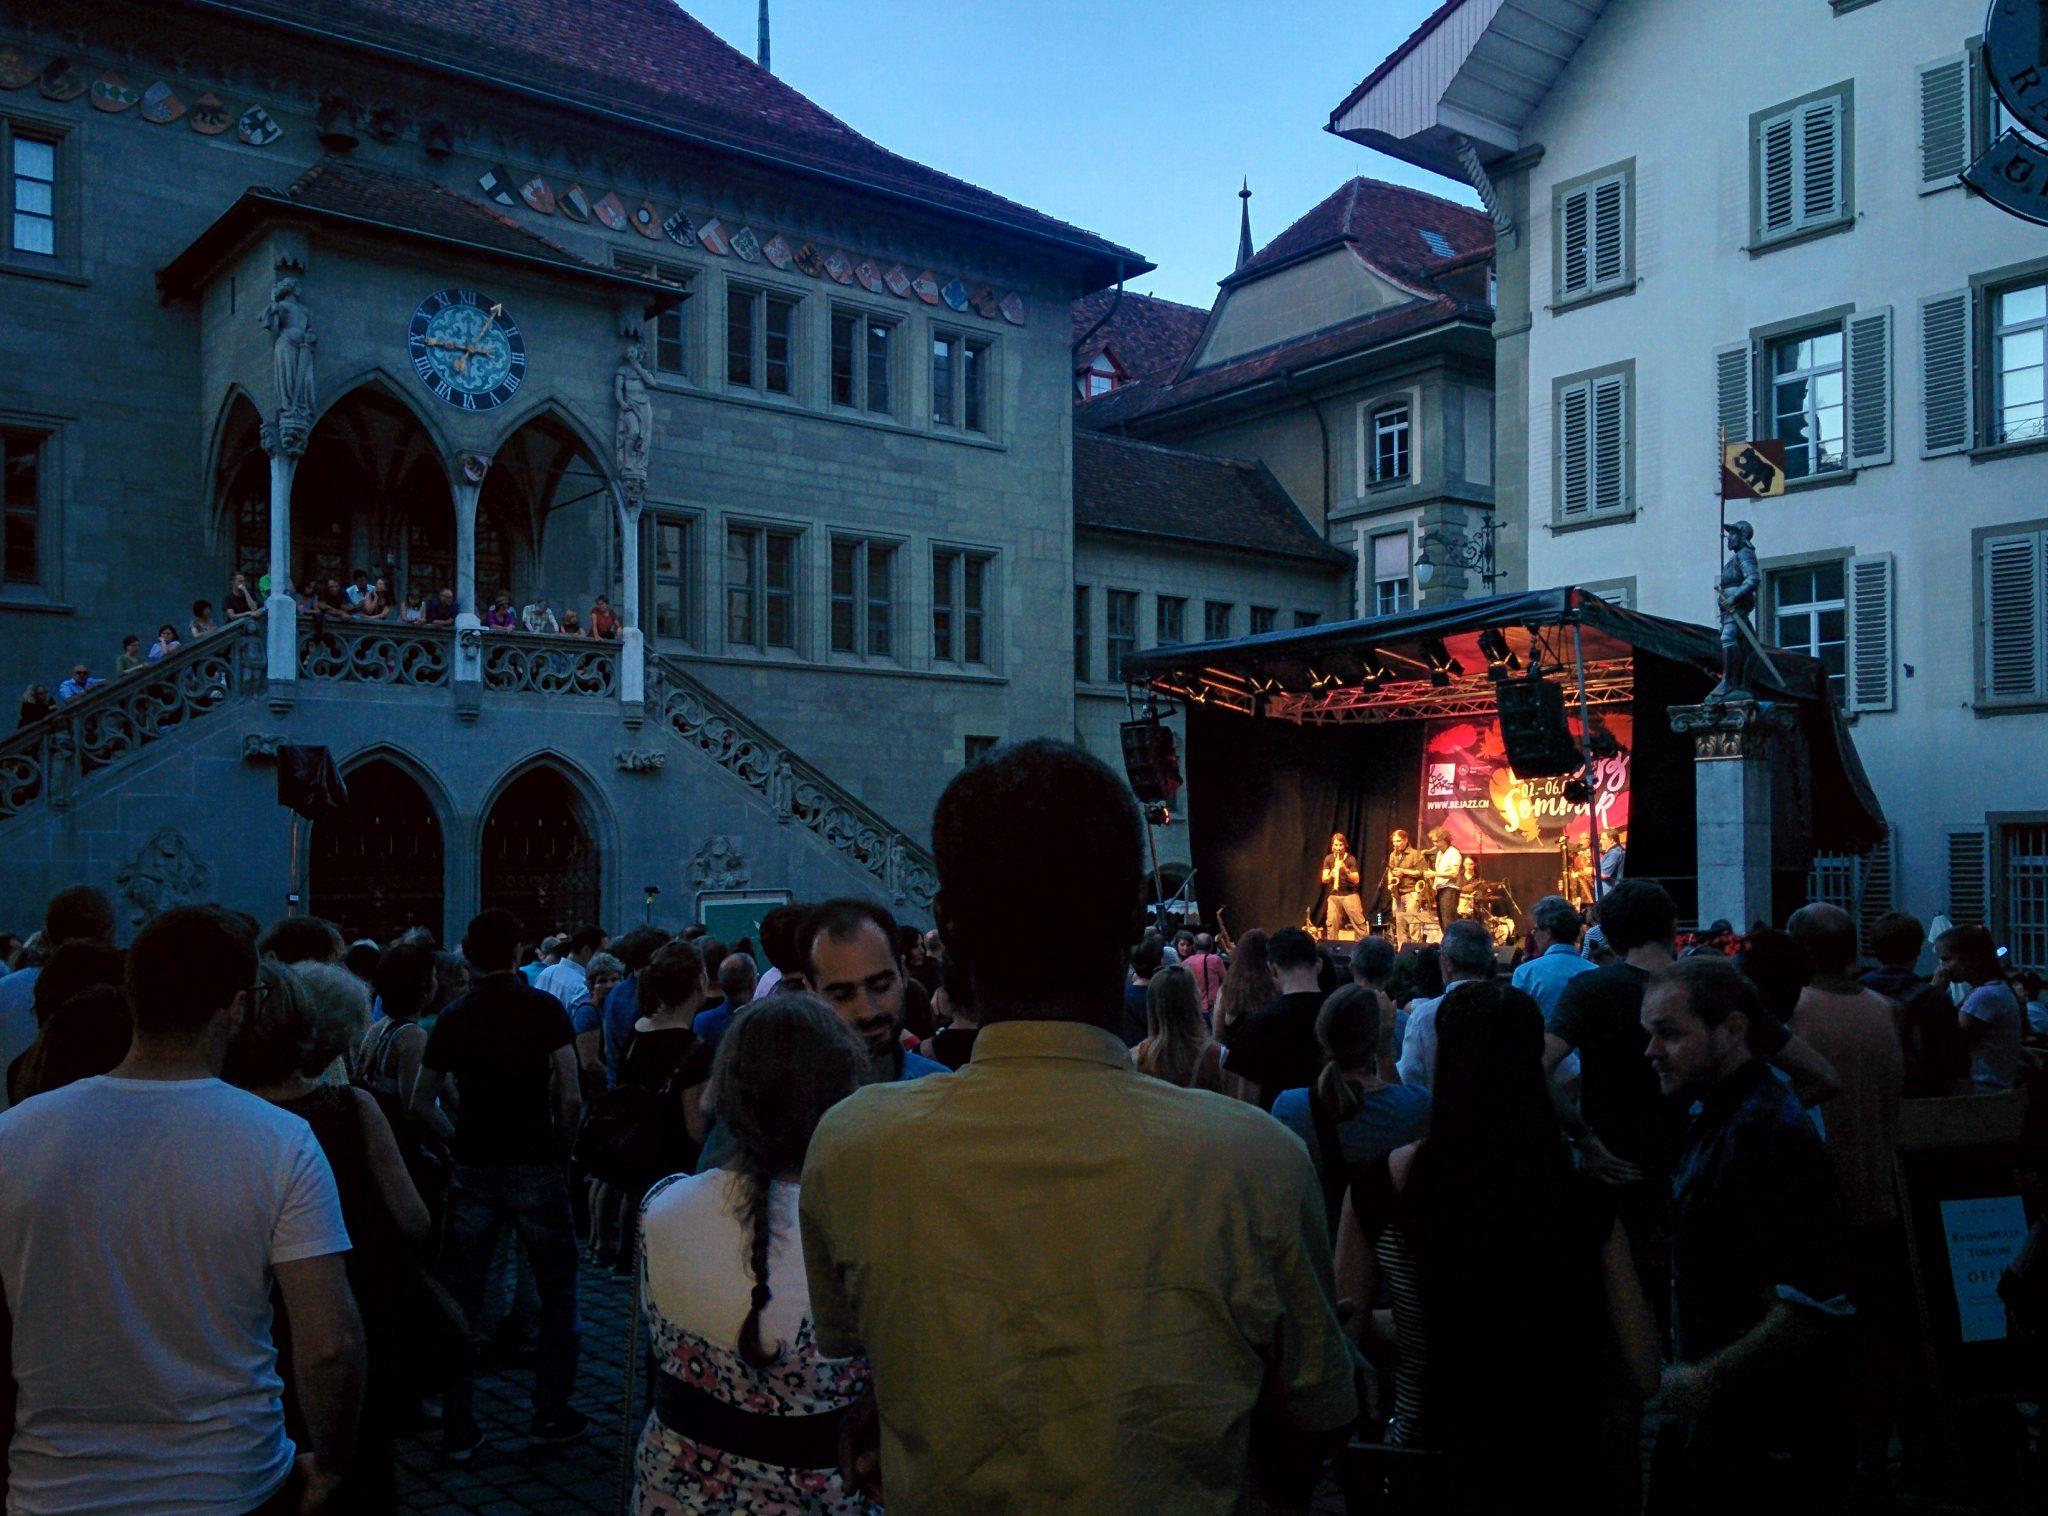 Bern culture